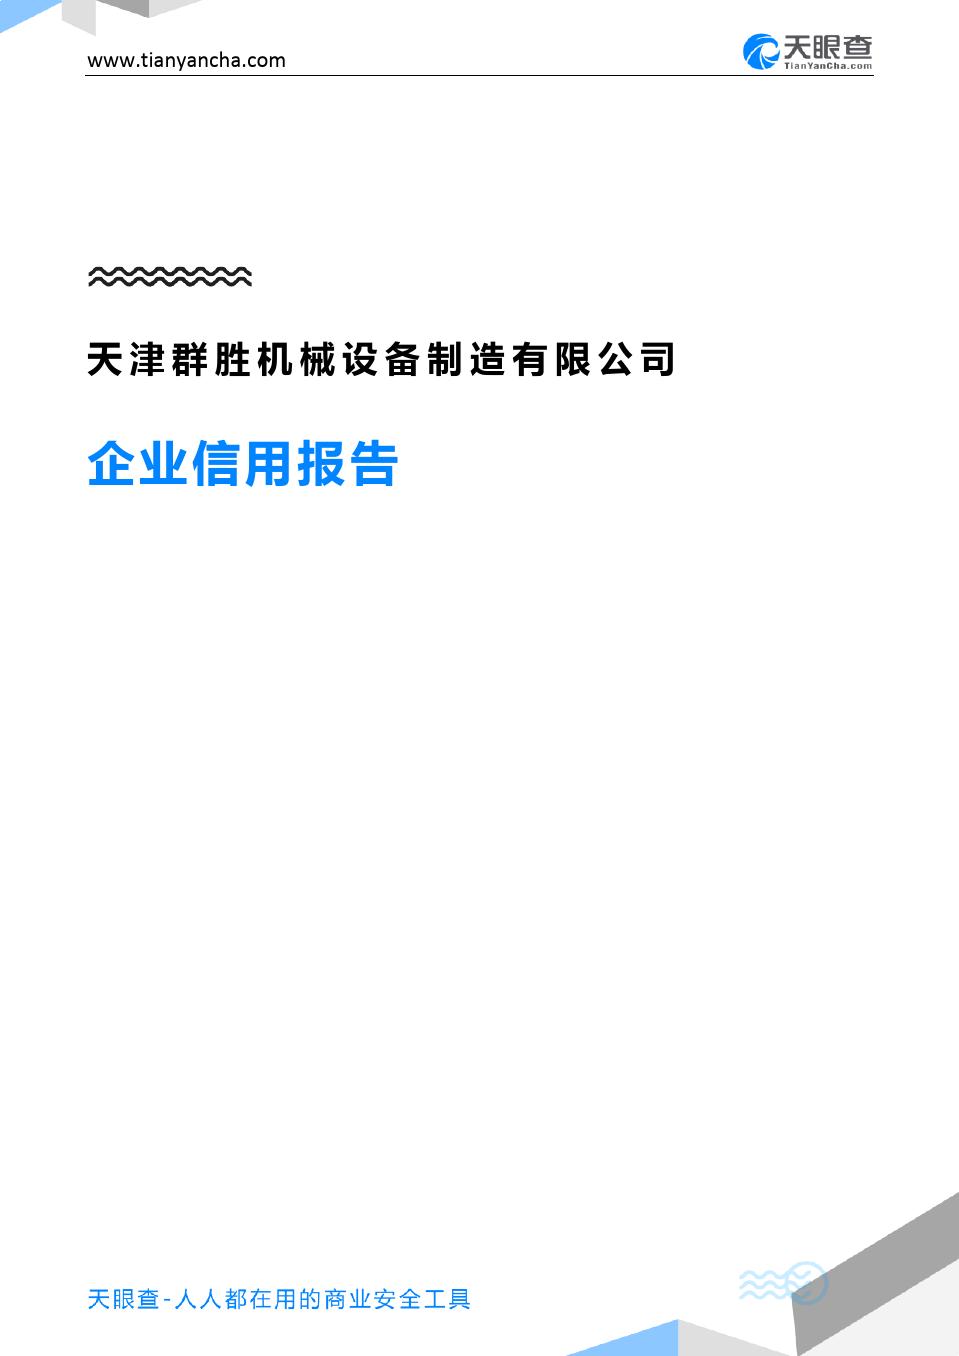 天津群胜机械设备制造有限公司(企业信用报告)- 天眼查